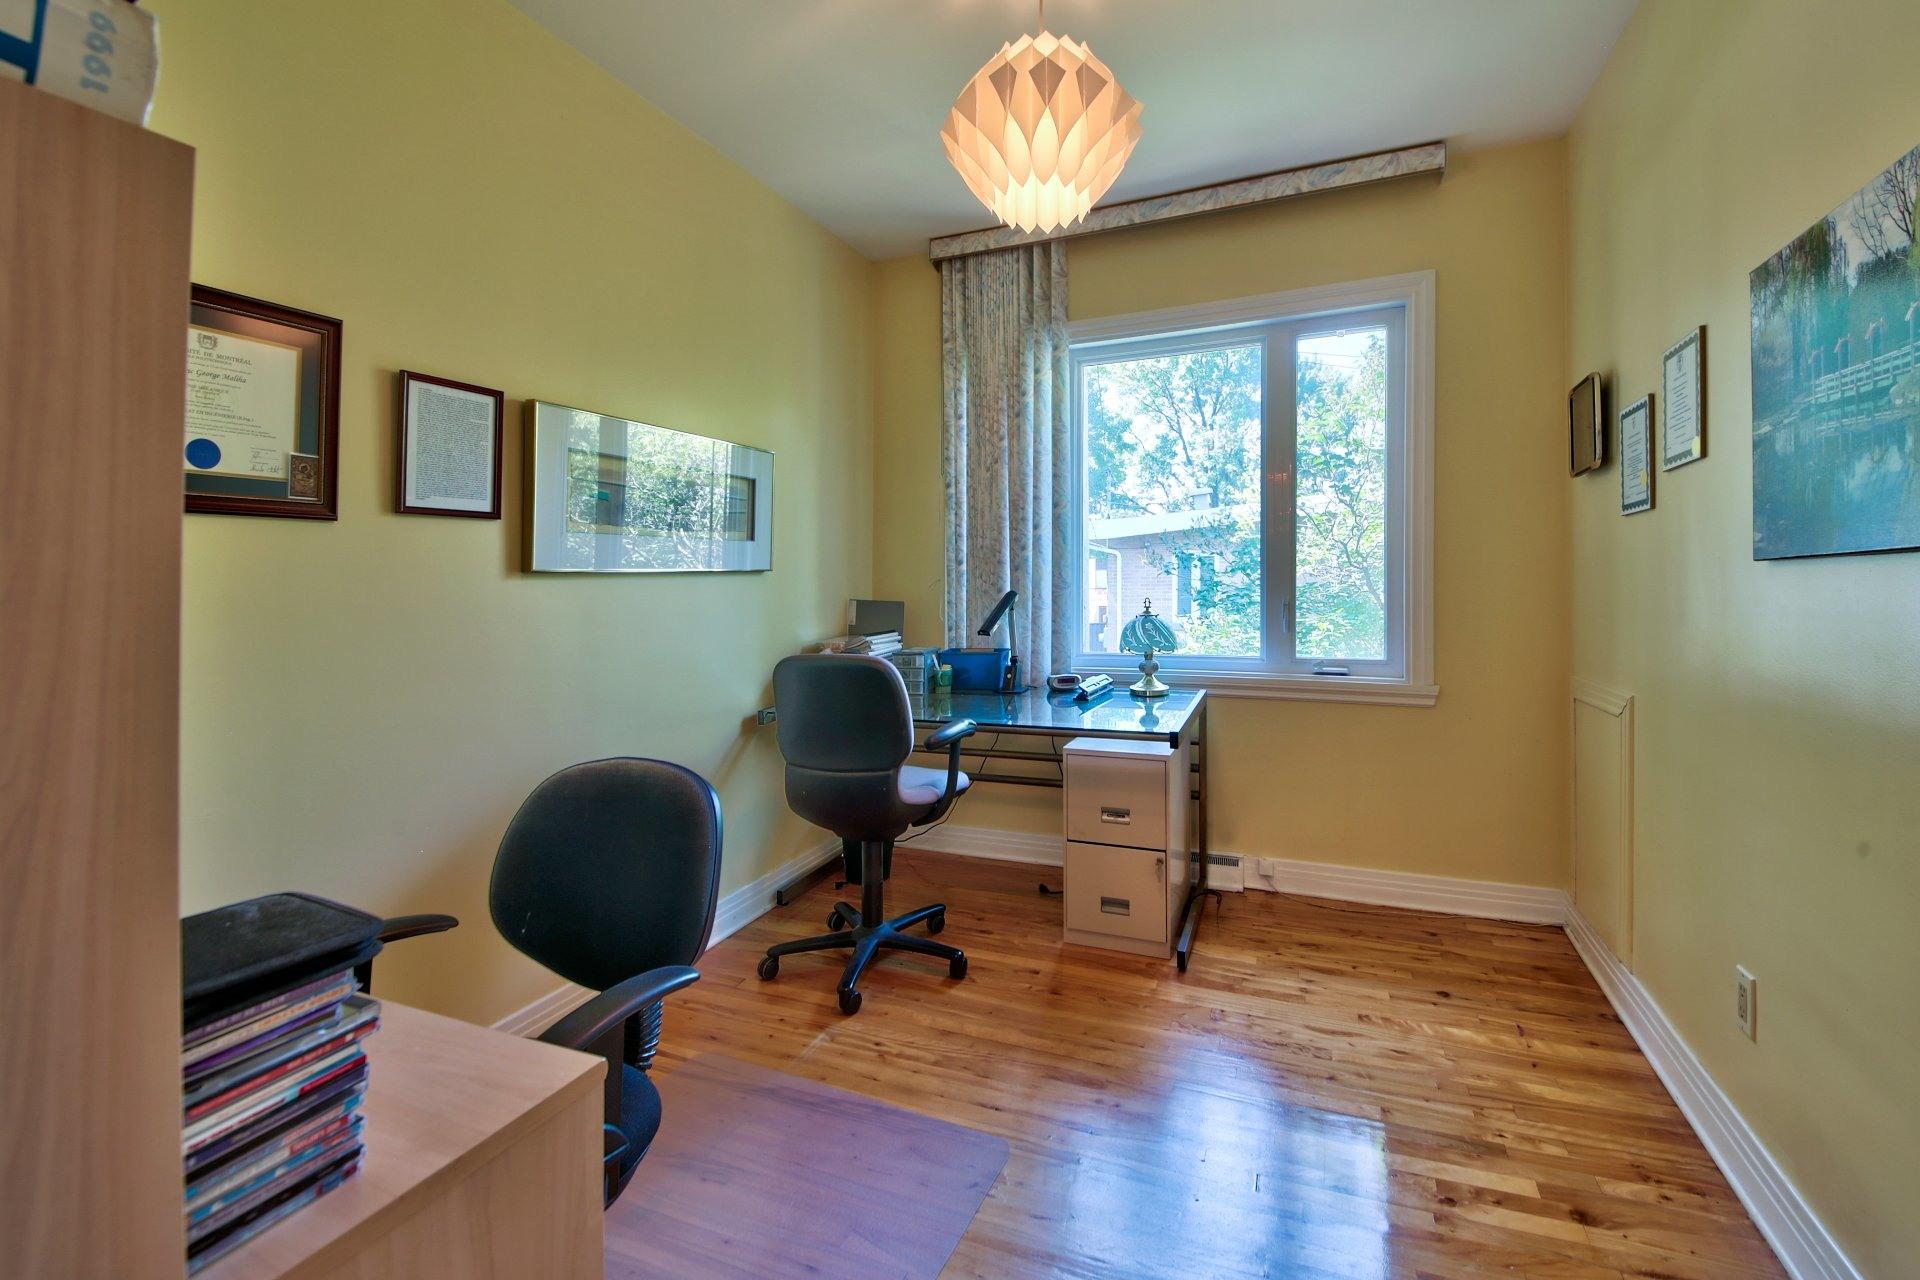 image 16 - House For sale Ahuntsic-Cartierville Montréal  - 11 rooms